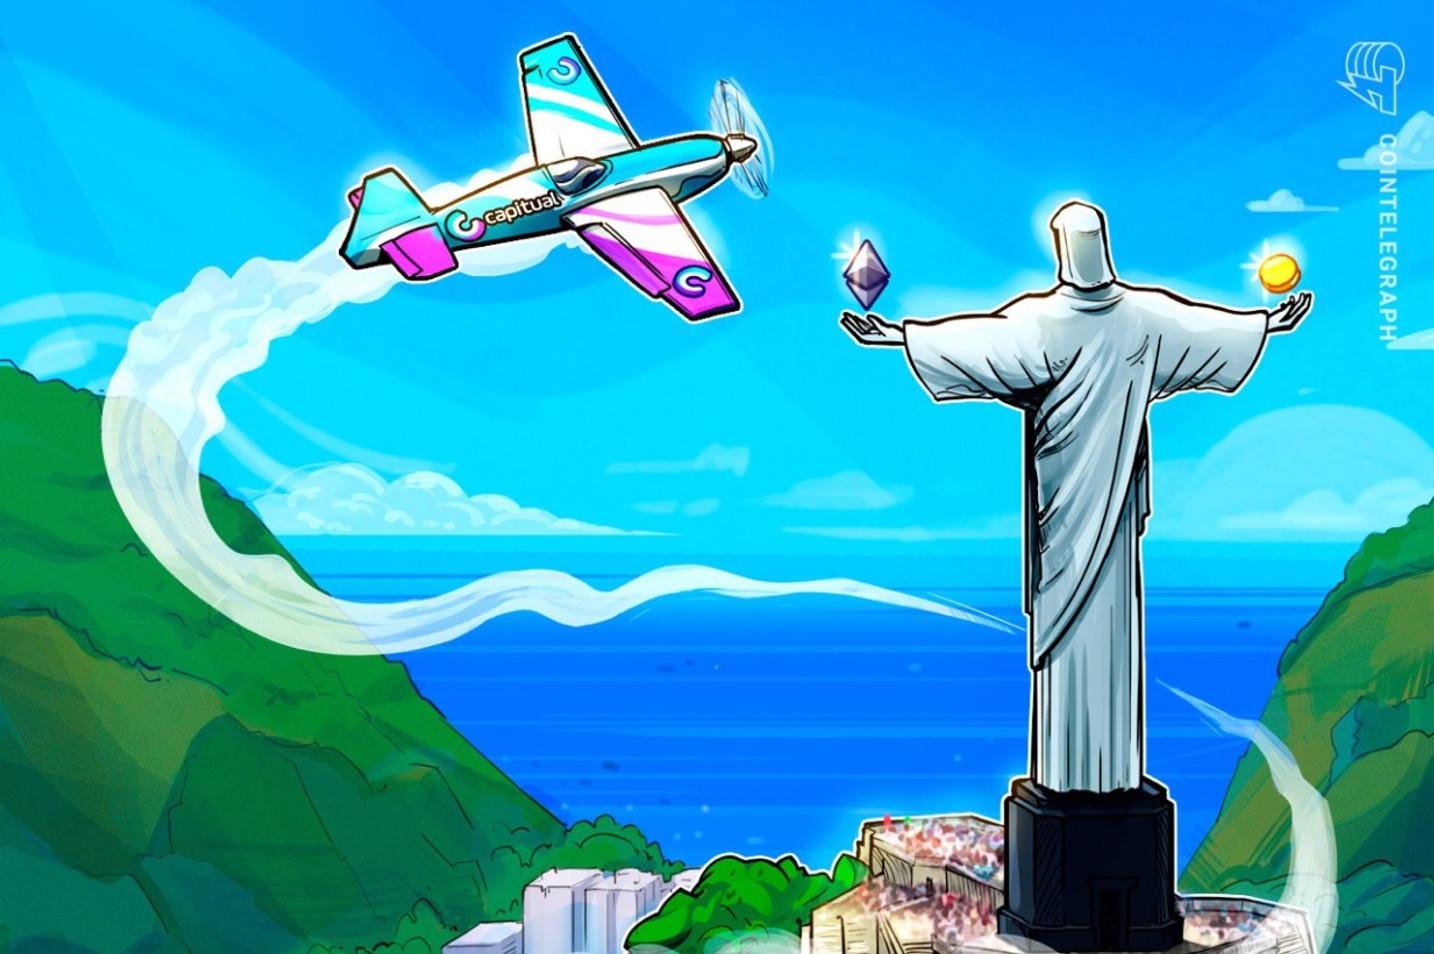 'Criptobanco' Capitual chega ao Brasil para facilitar negociações, pagamentos e compras com criptomoedas